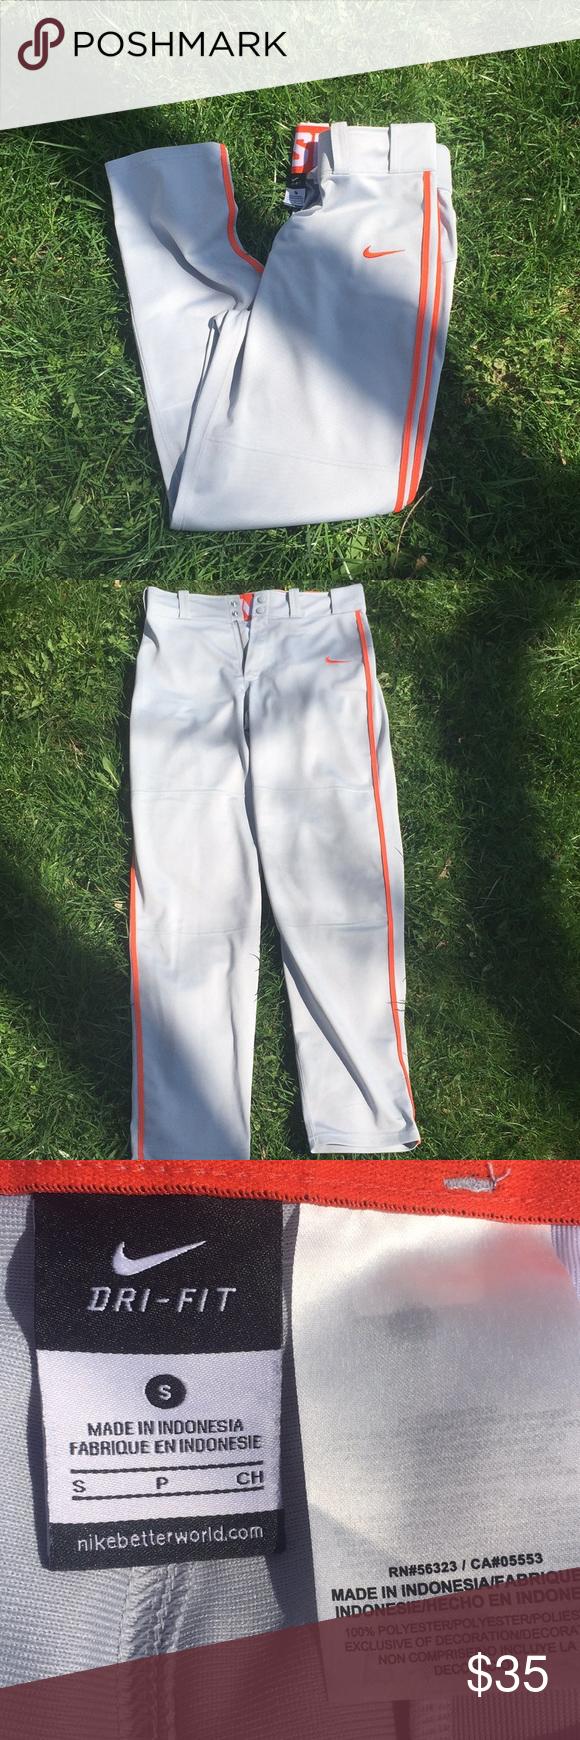 nike baseball pants 56323